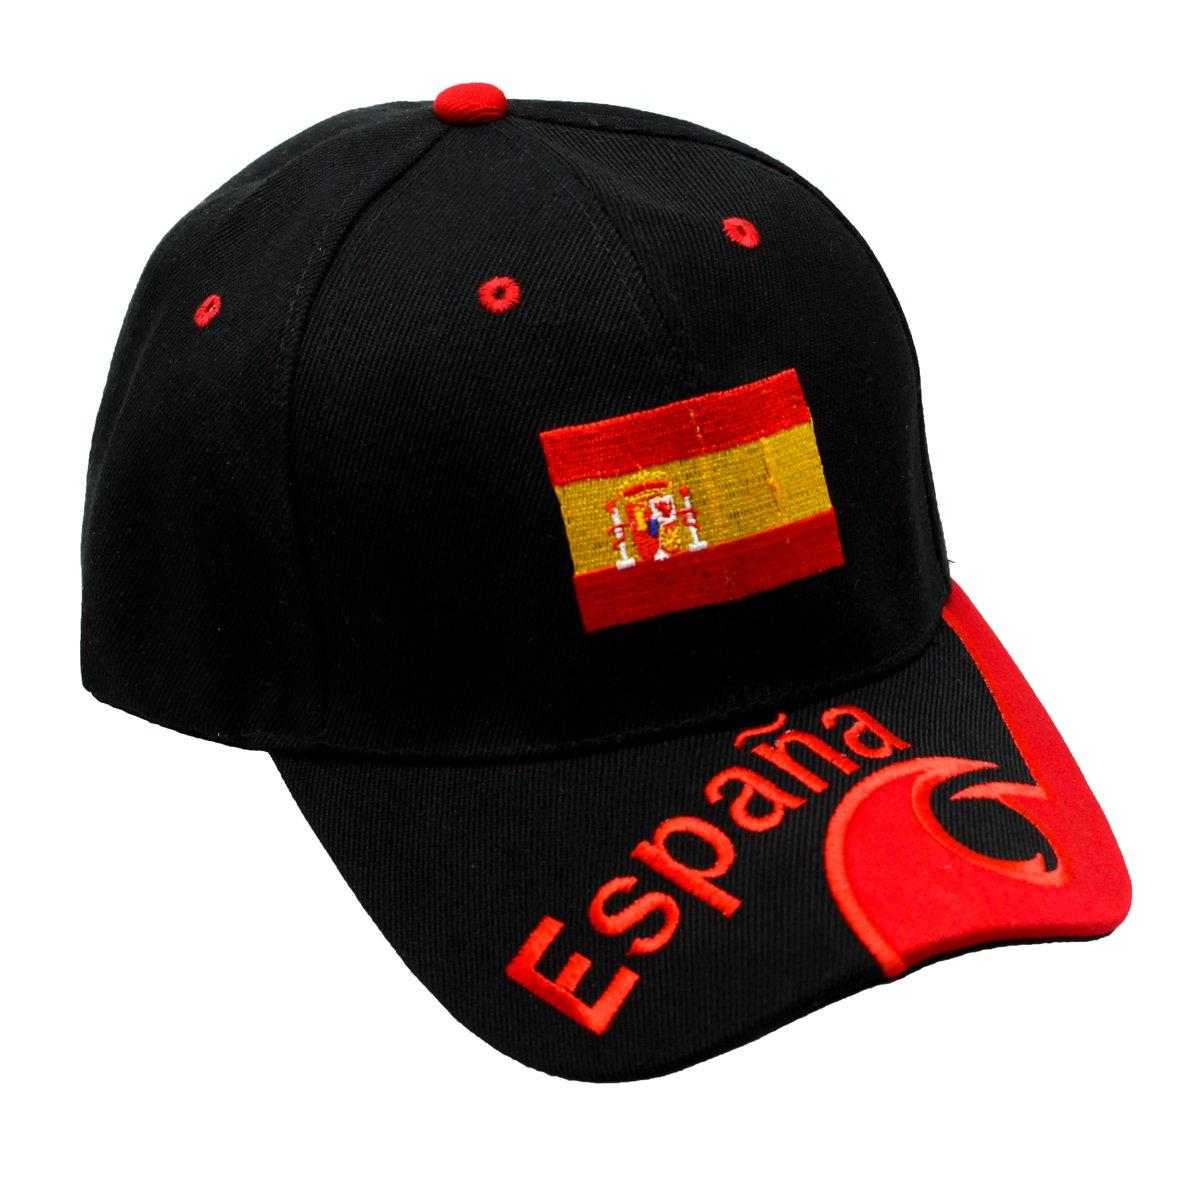 ESPANA Spanien Kappe Mütze Fanmütze WM Base Cap für Fussball WM Basecap NEU Fußball-Fanshop